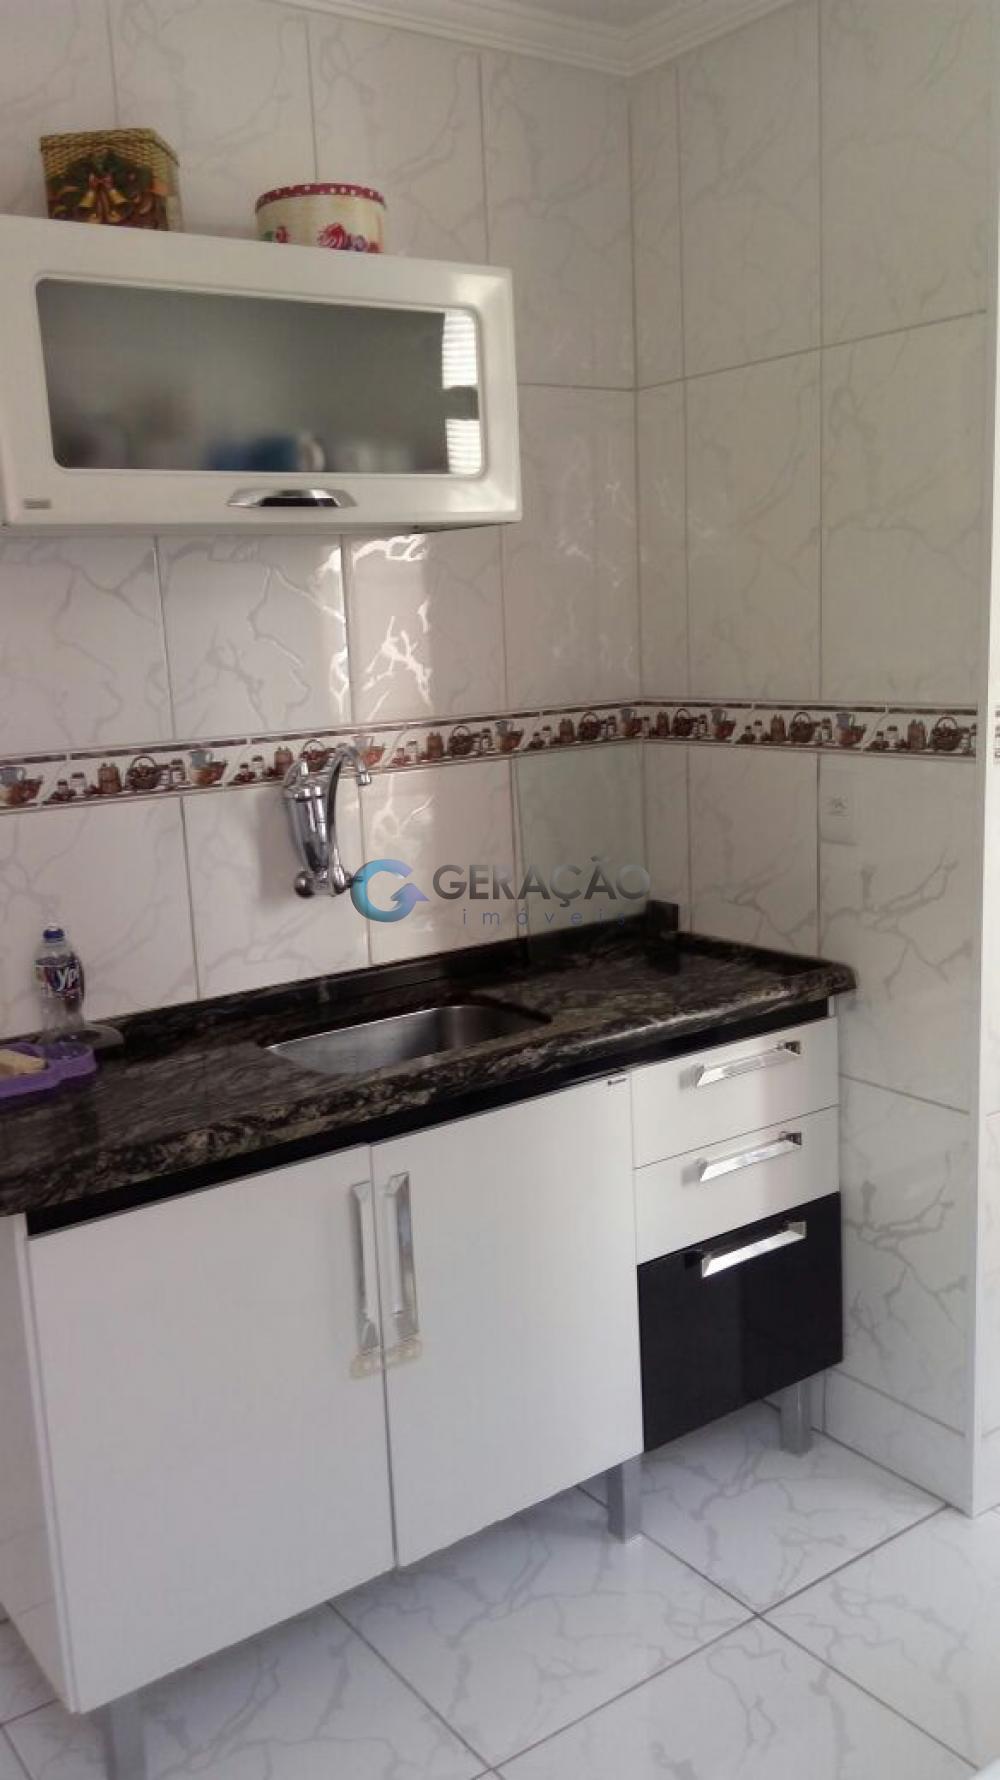 Comprar Apartamento / Padrão em São José dos Campos R$ 185.000,00 - Foto 13